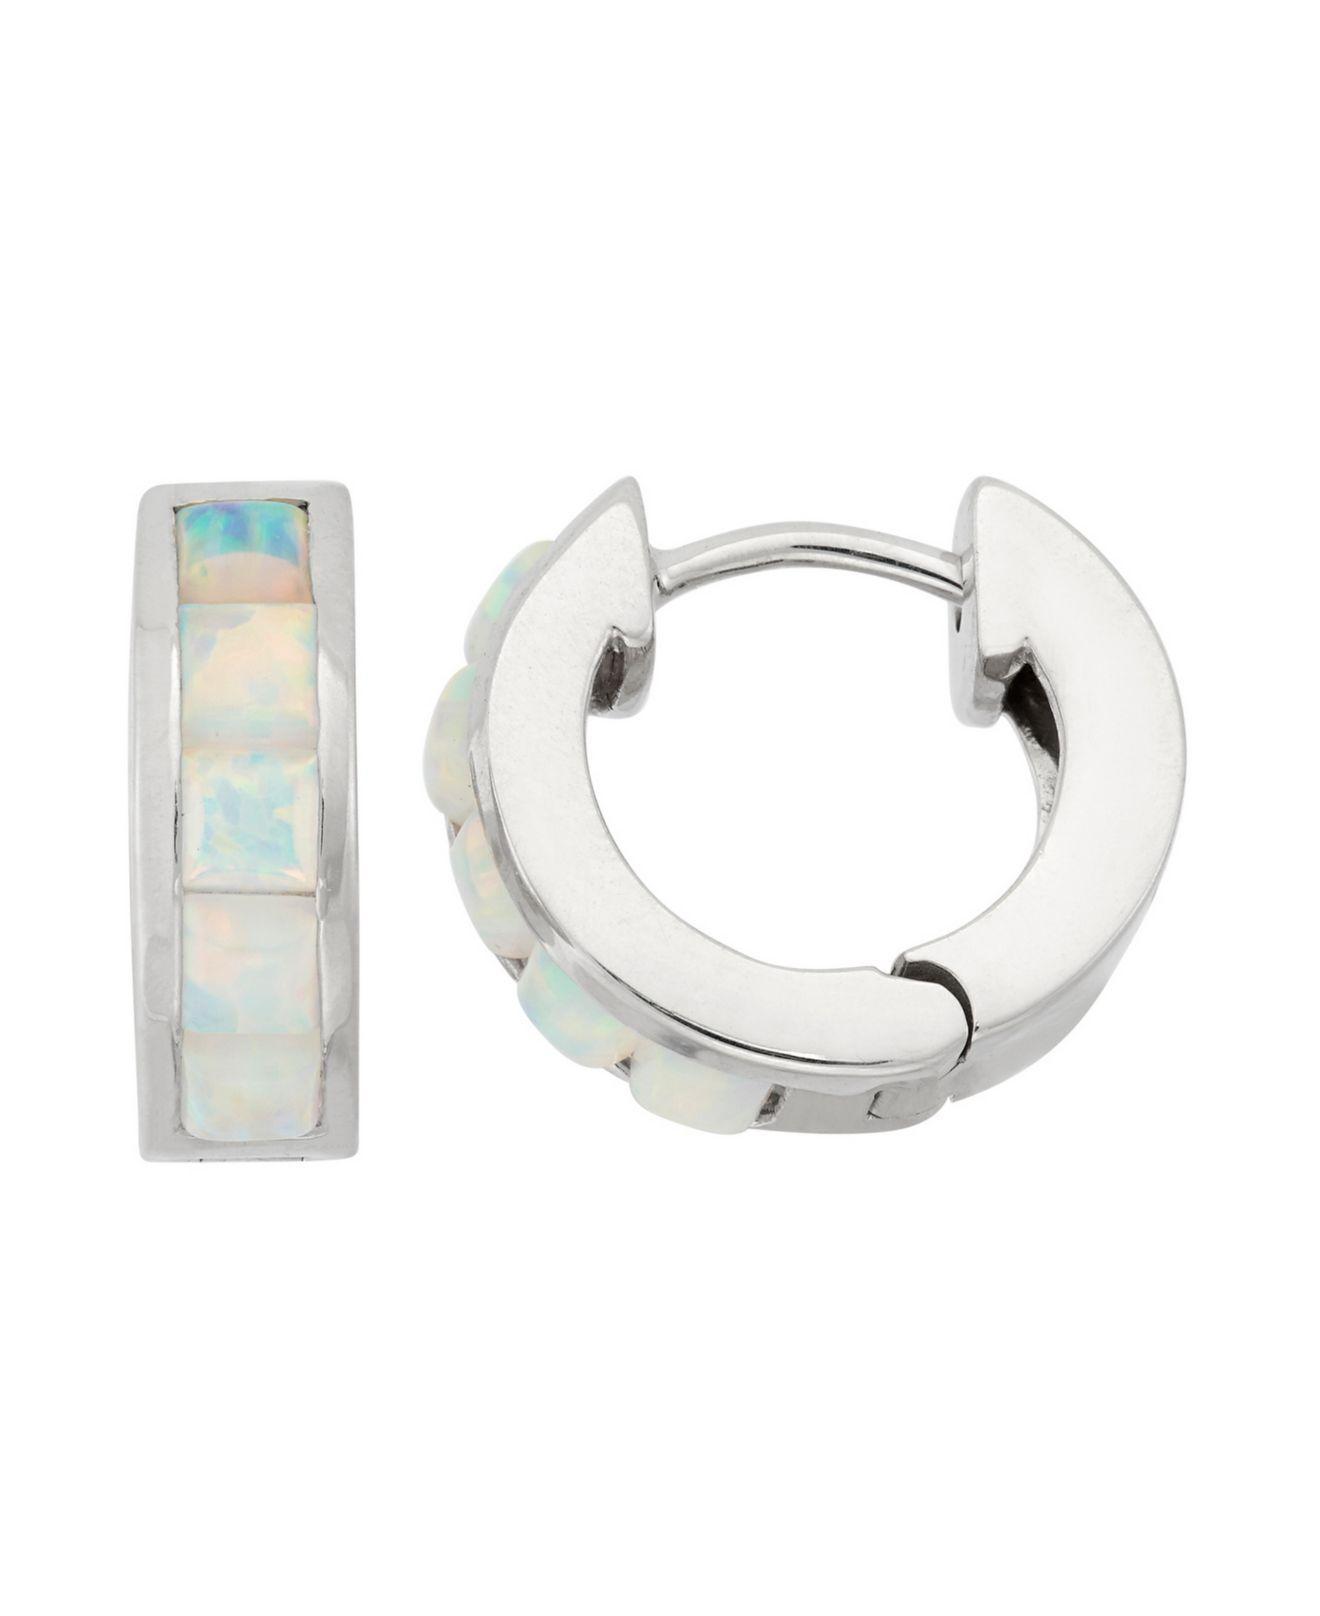 d8659773fc92e Lyst - Macy's Sterling Silver Princess-cut Opal Hoop Earrings in ...